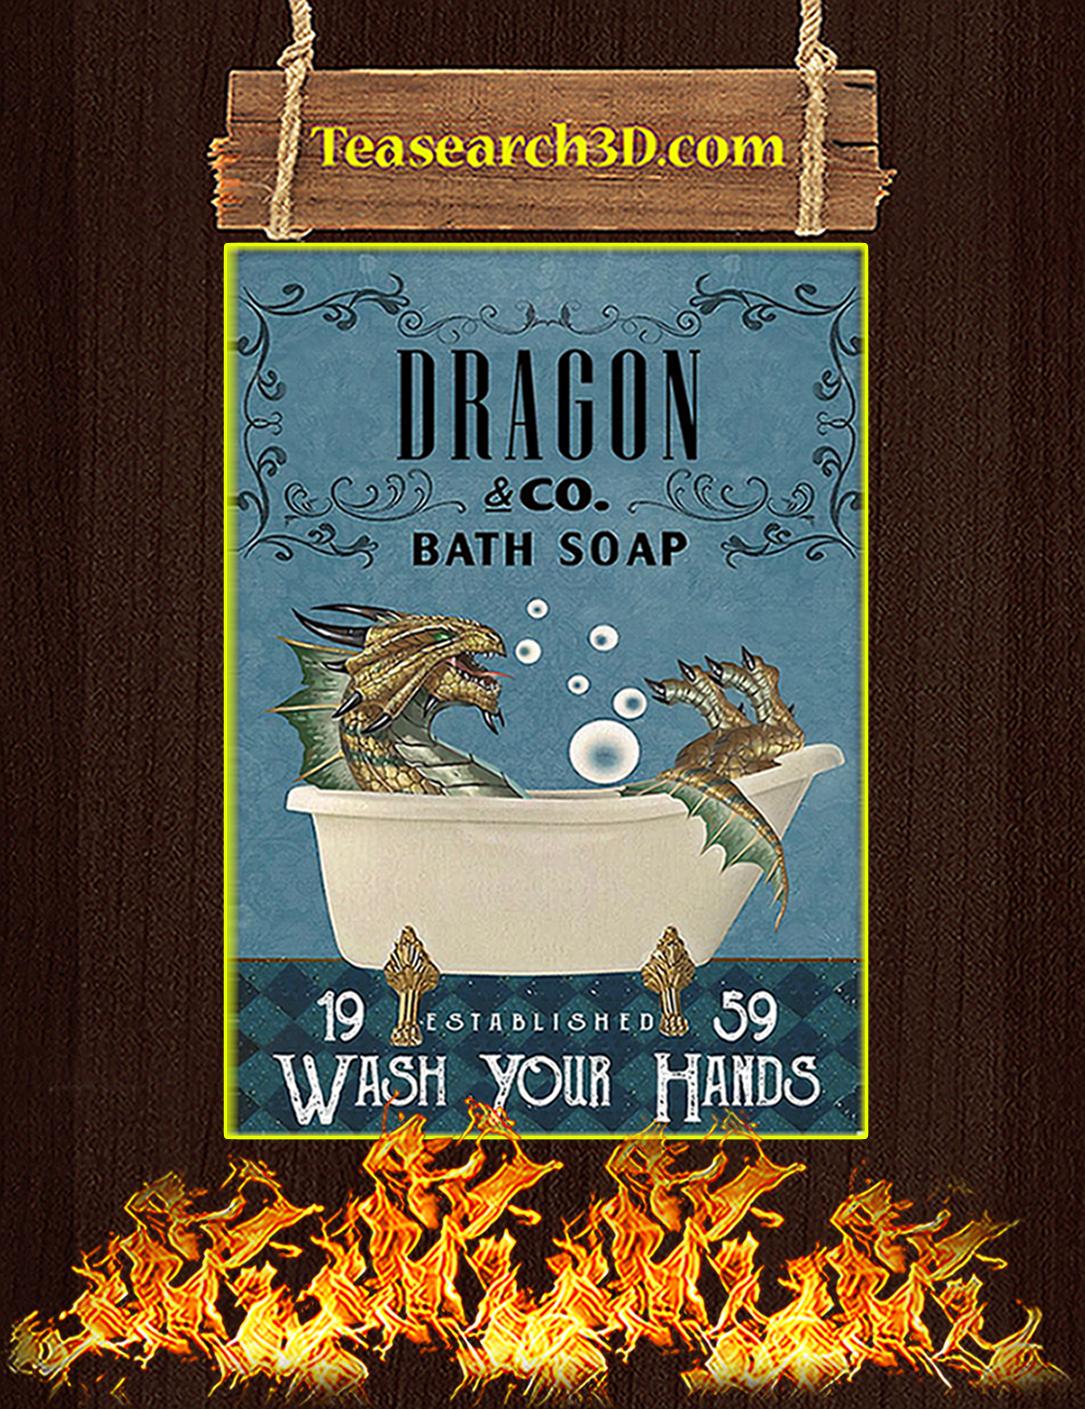 Bath Soap Company Dragon Poster A2